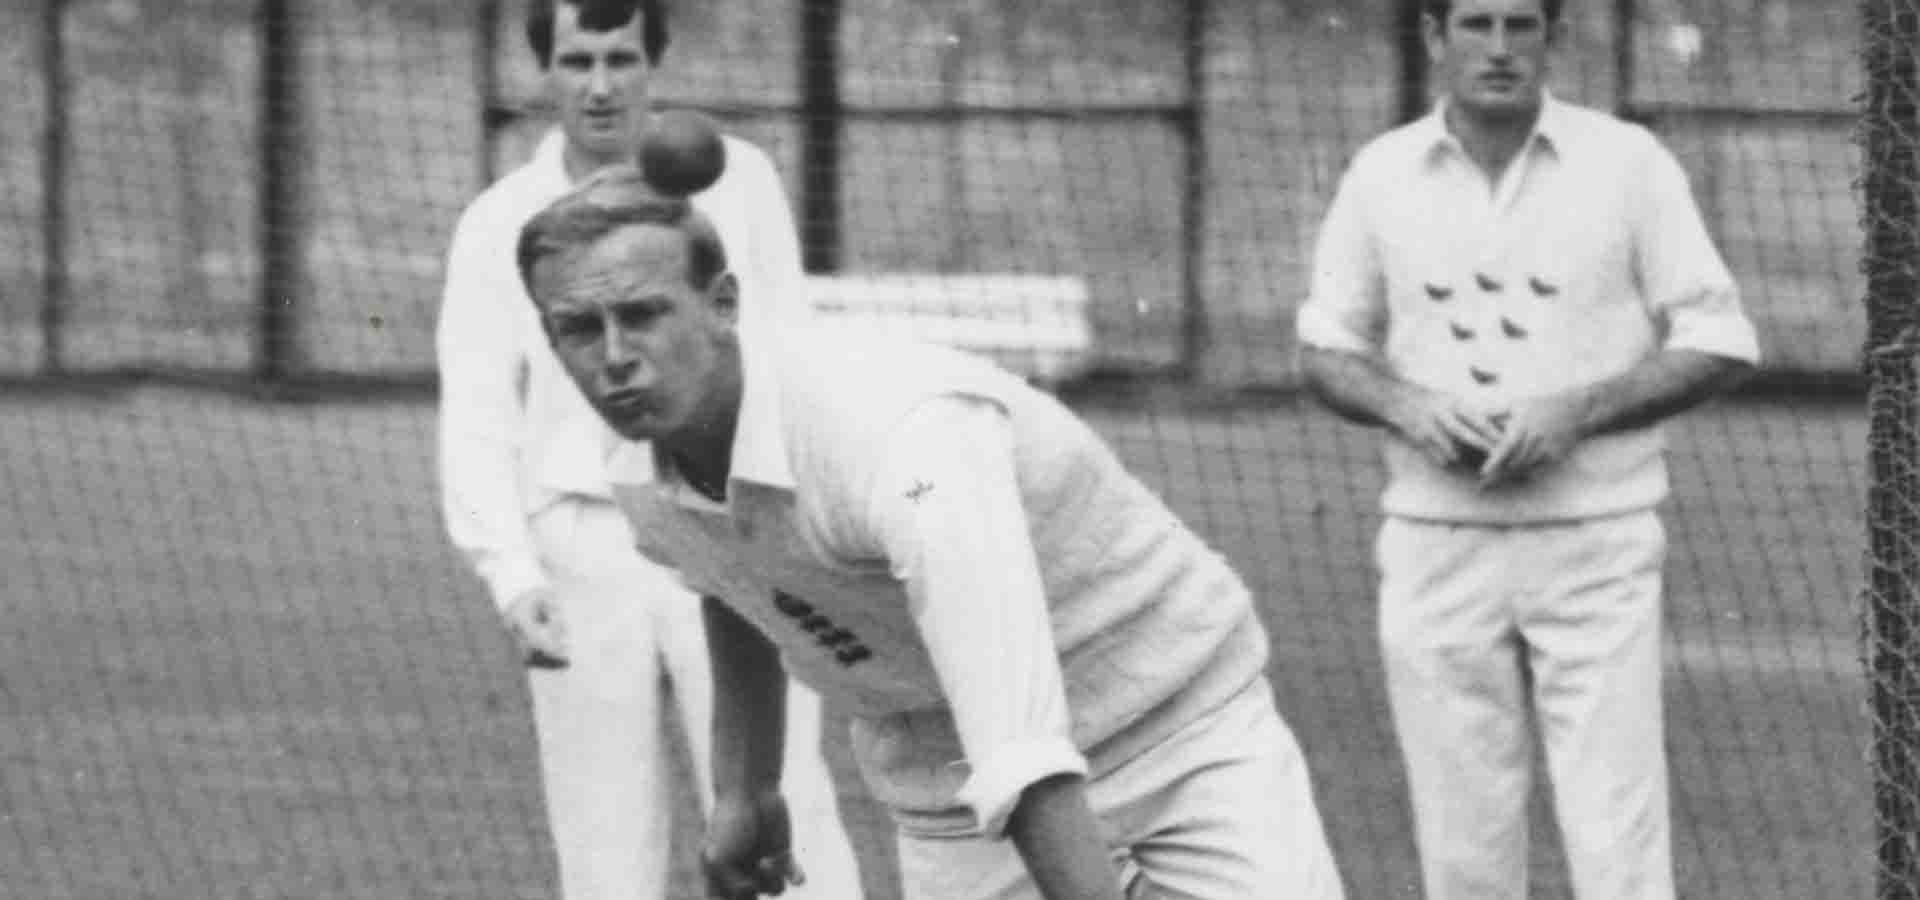 Derek Underwood bowling in the nets